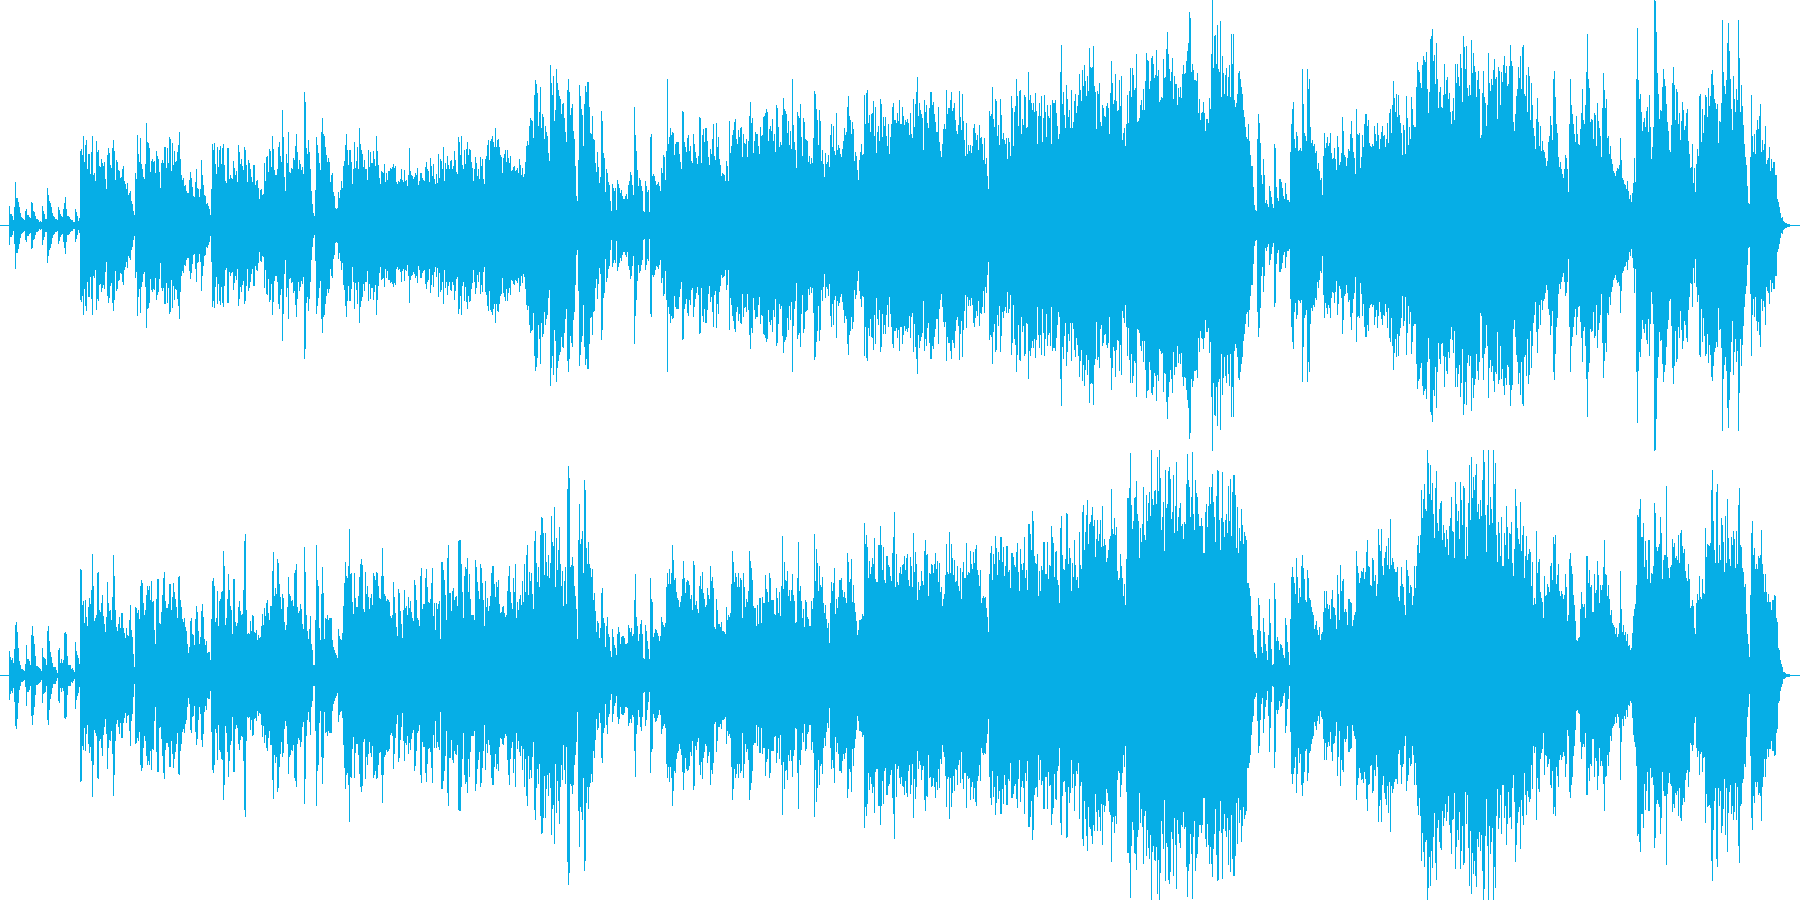 遥か昔から受け継がれている景色に似合う曲の再生済みの波形